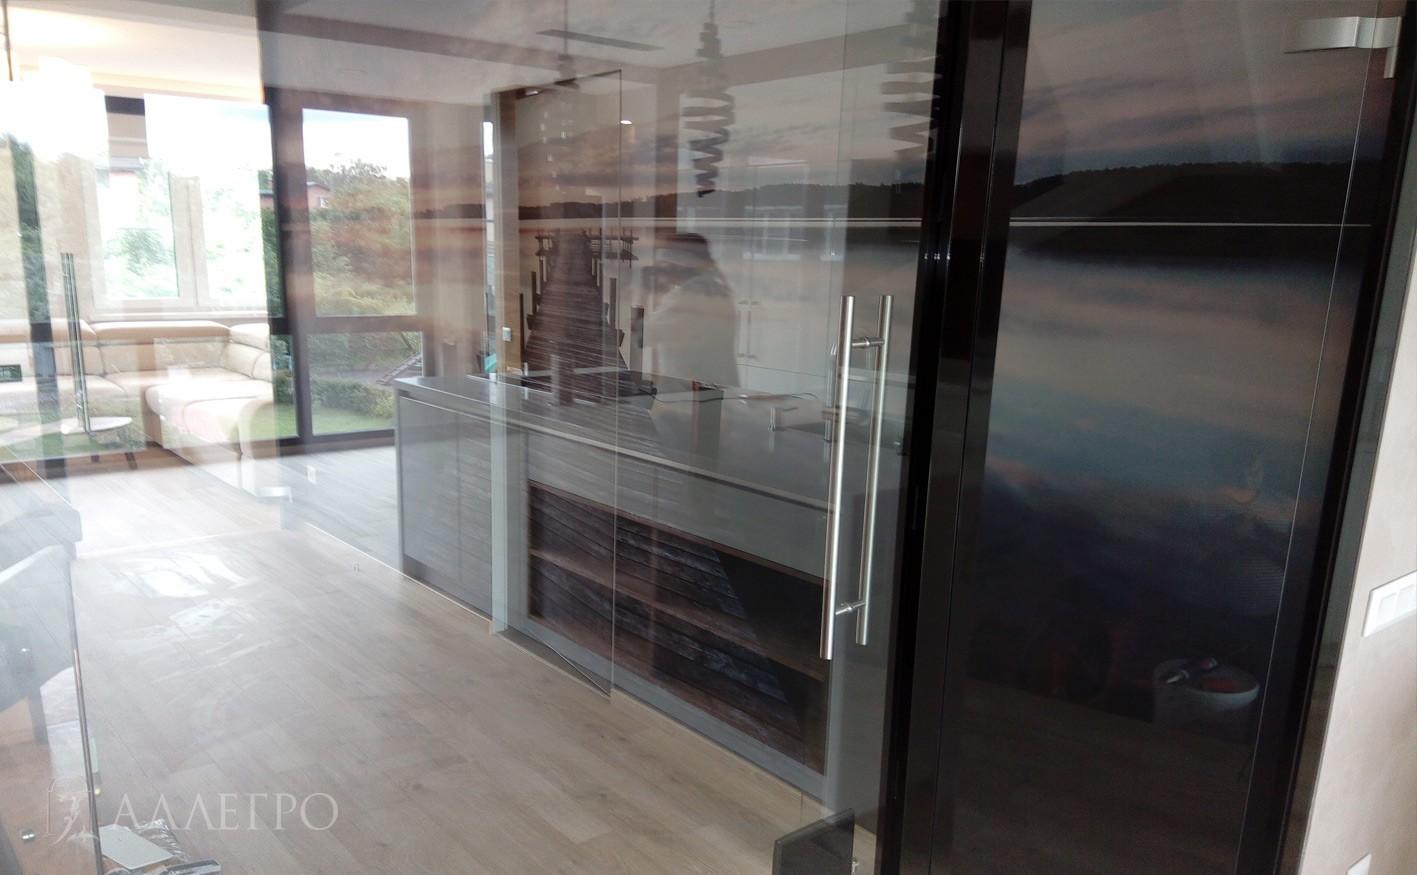 Дверь со скрытым коробом за стеклом